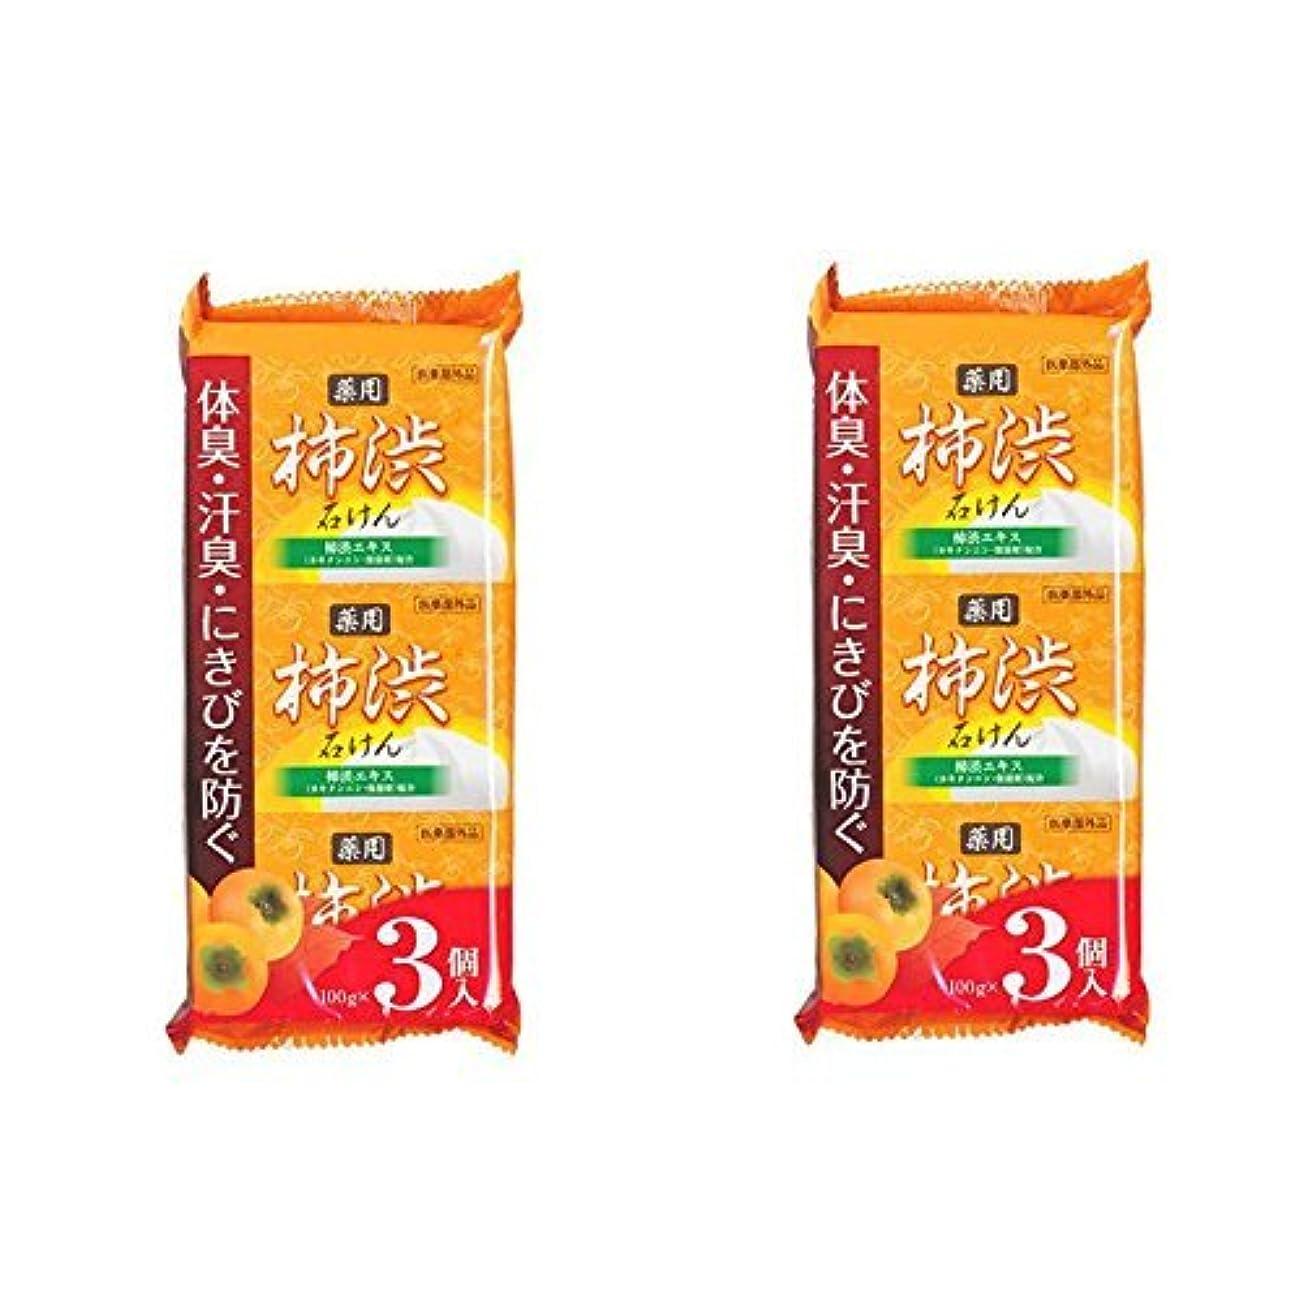 闘争性的定期的柿渋石鹸 100g×6個セット(3個入り×2袋) 柿渋エキス カキタンニン?保湿剤配合